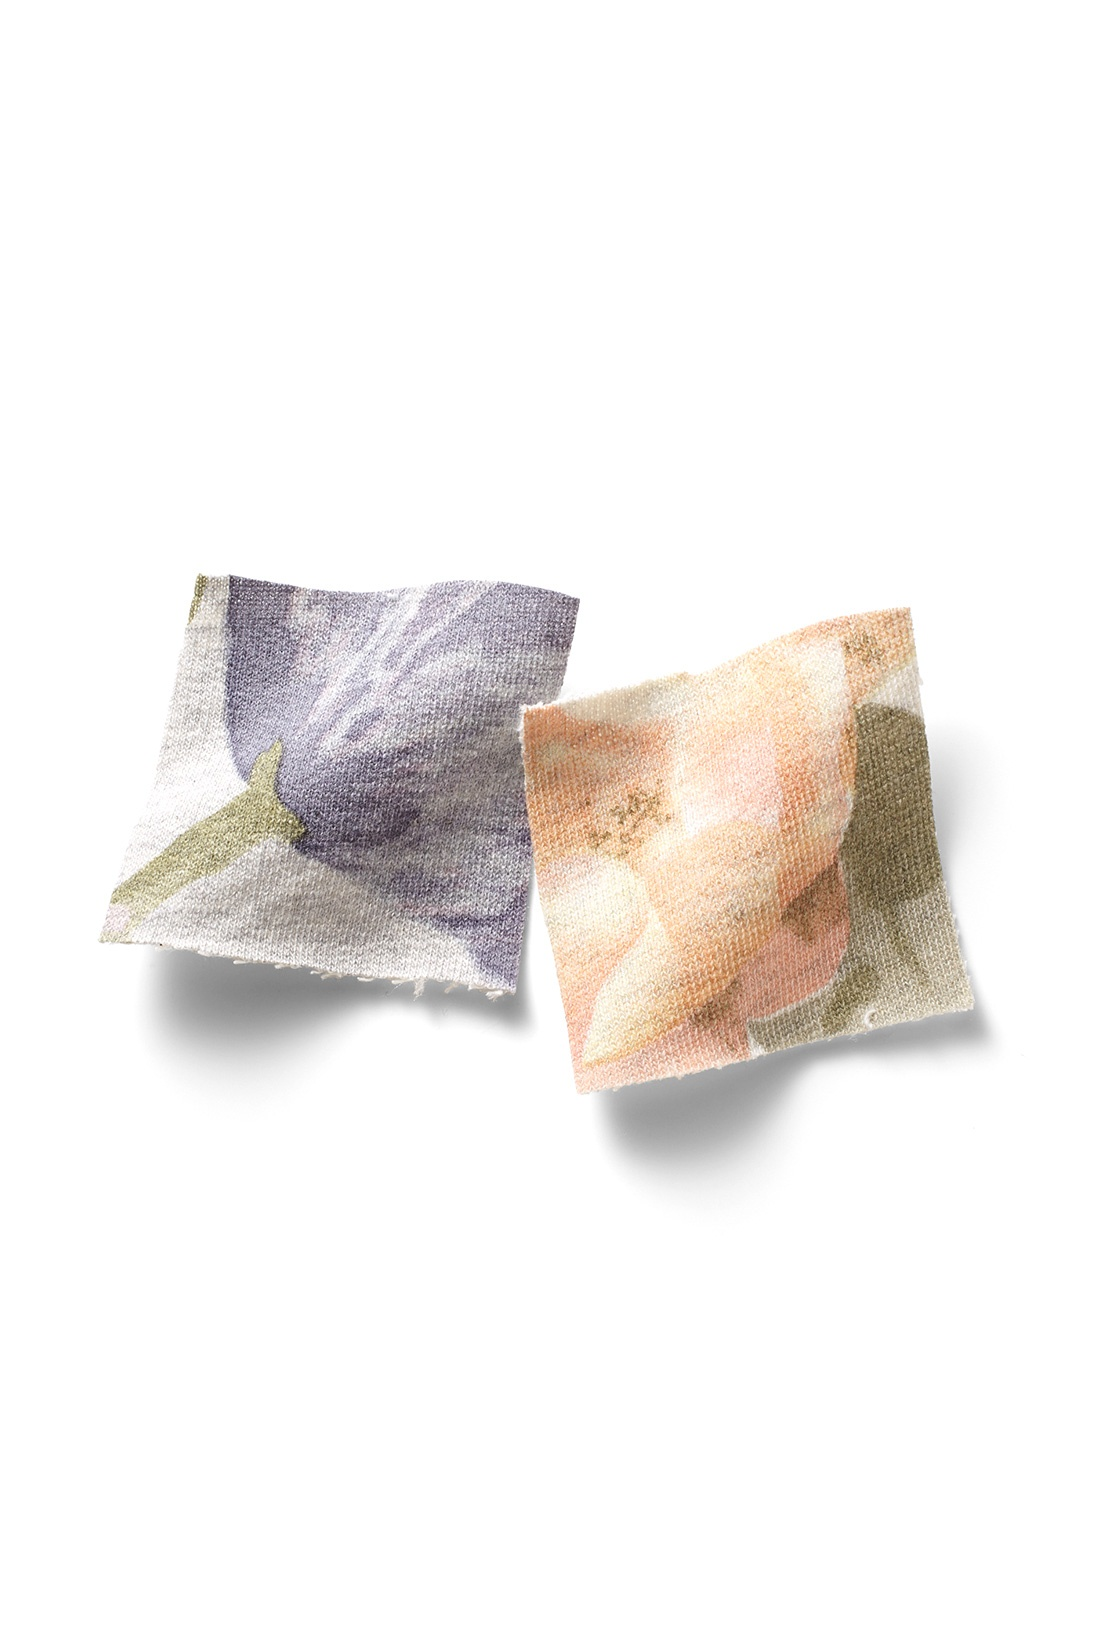 繊細に色を重ねることでふんわりやさしい雰囲気に。 ※お届けするカラーとは異なります。